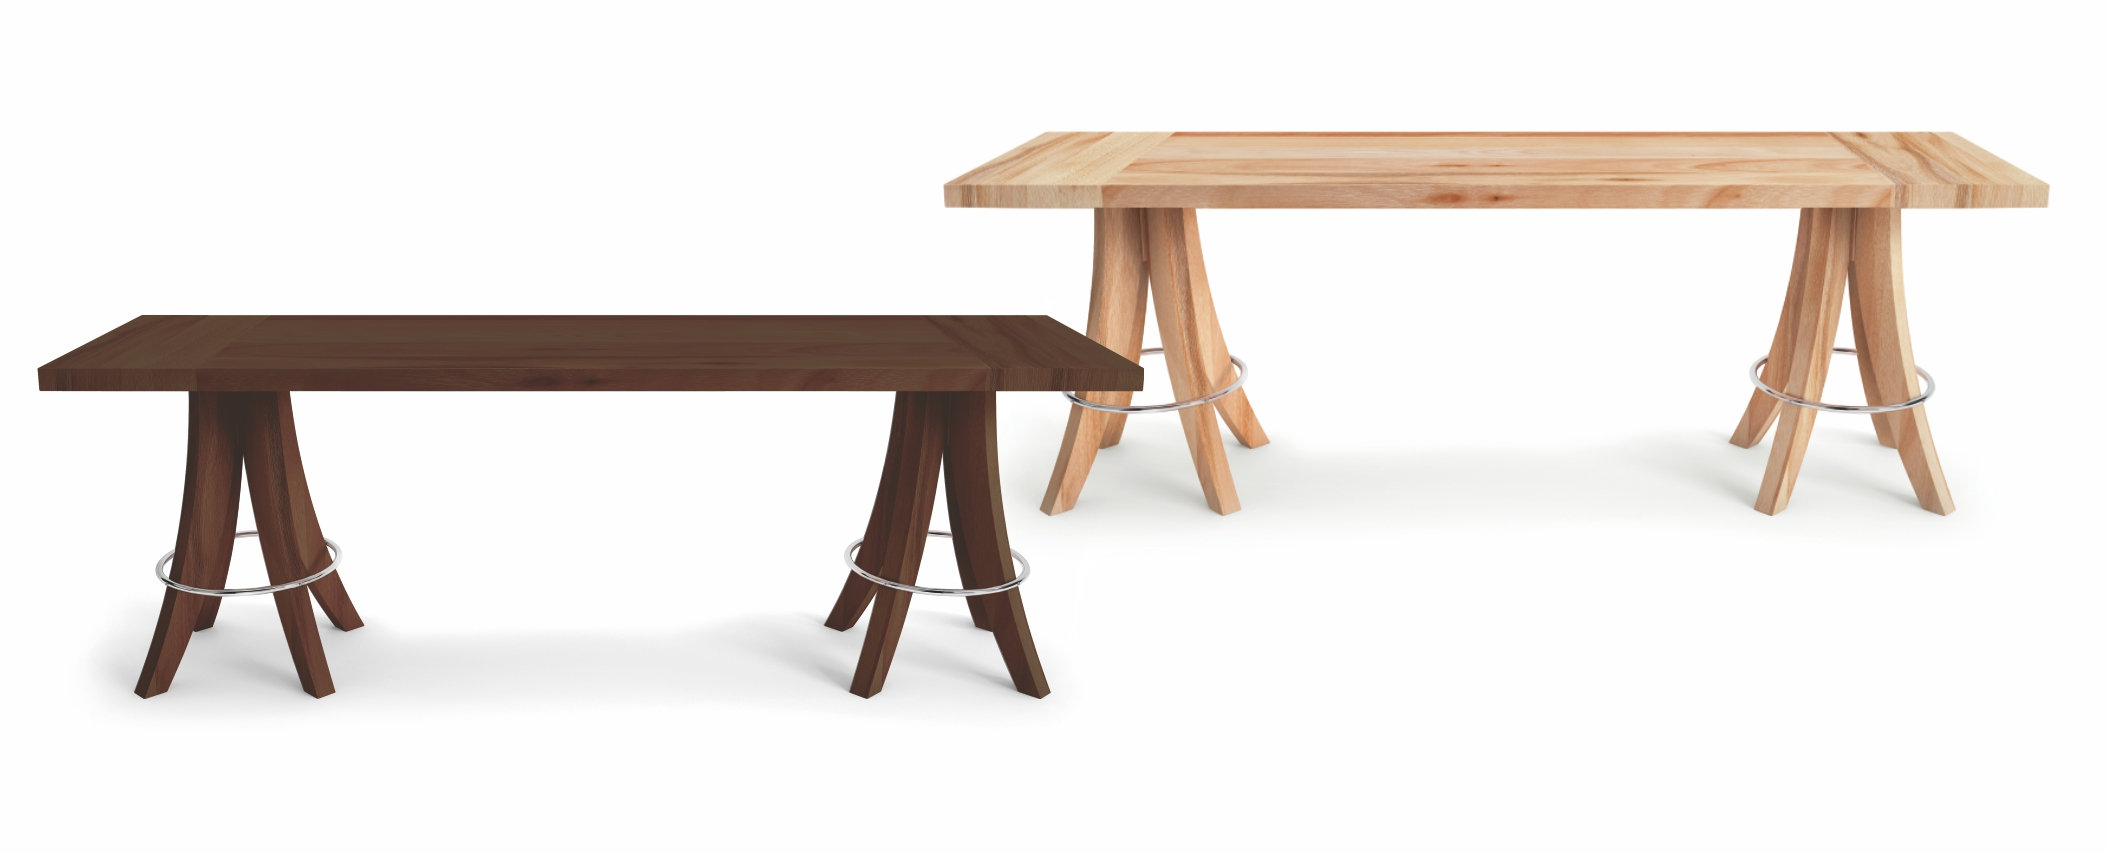 Banco 2 lugares com assento em madeira